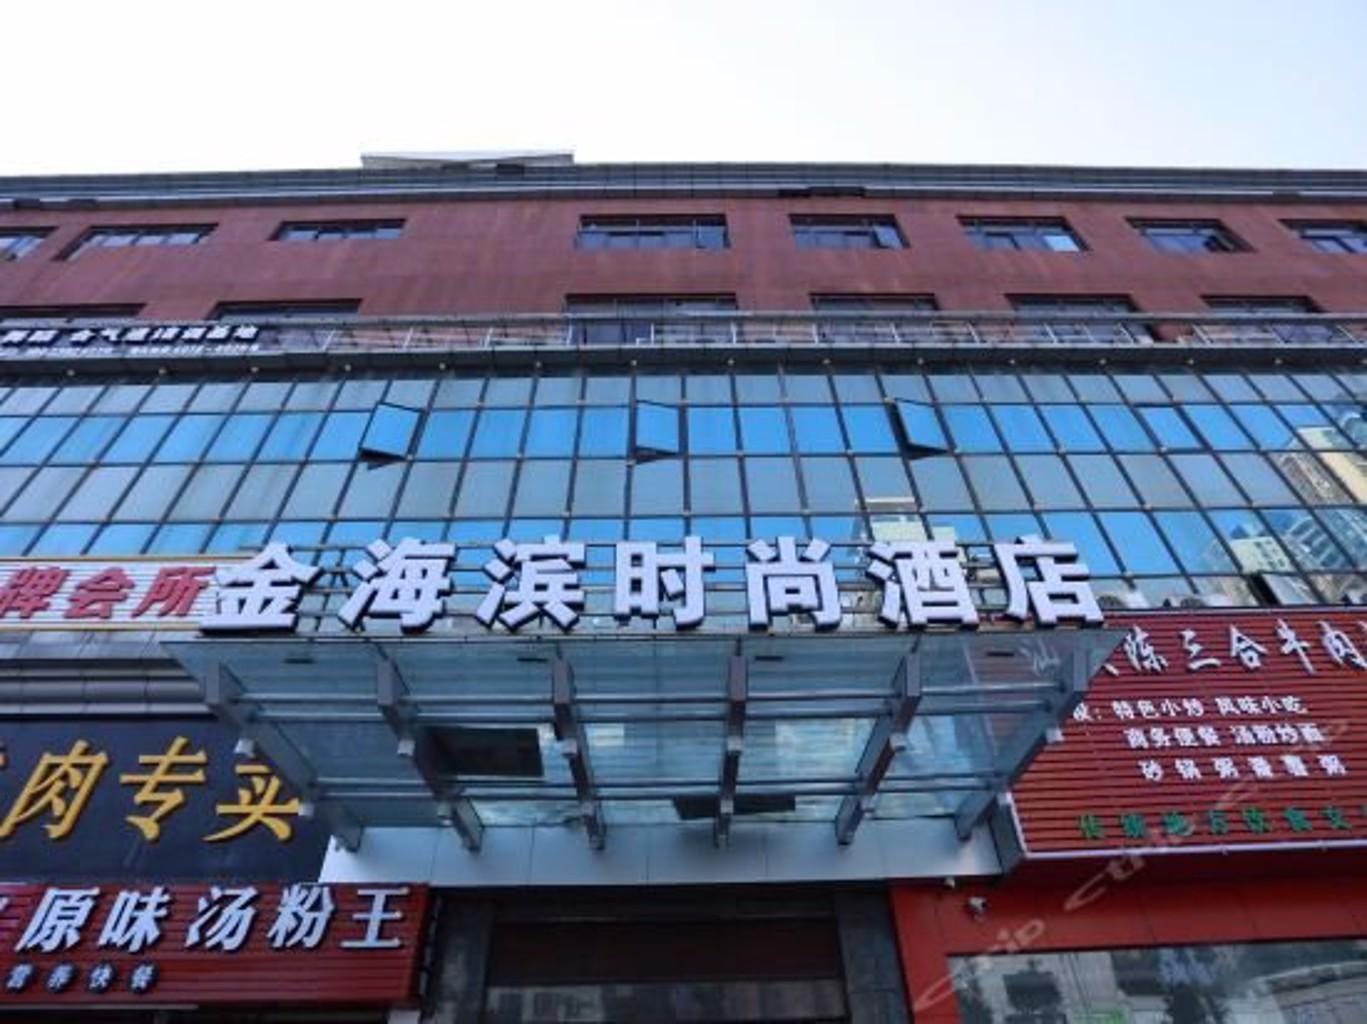 Gallery image of Jinhaibin Hotel